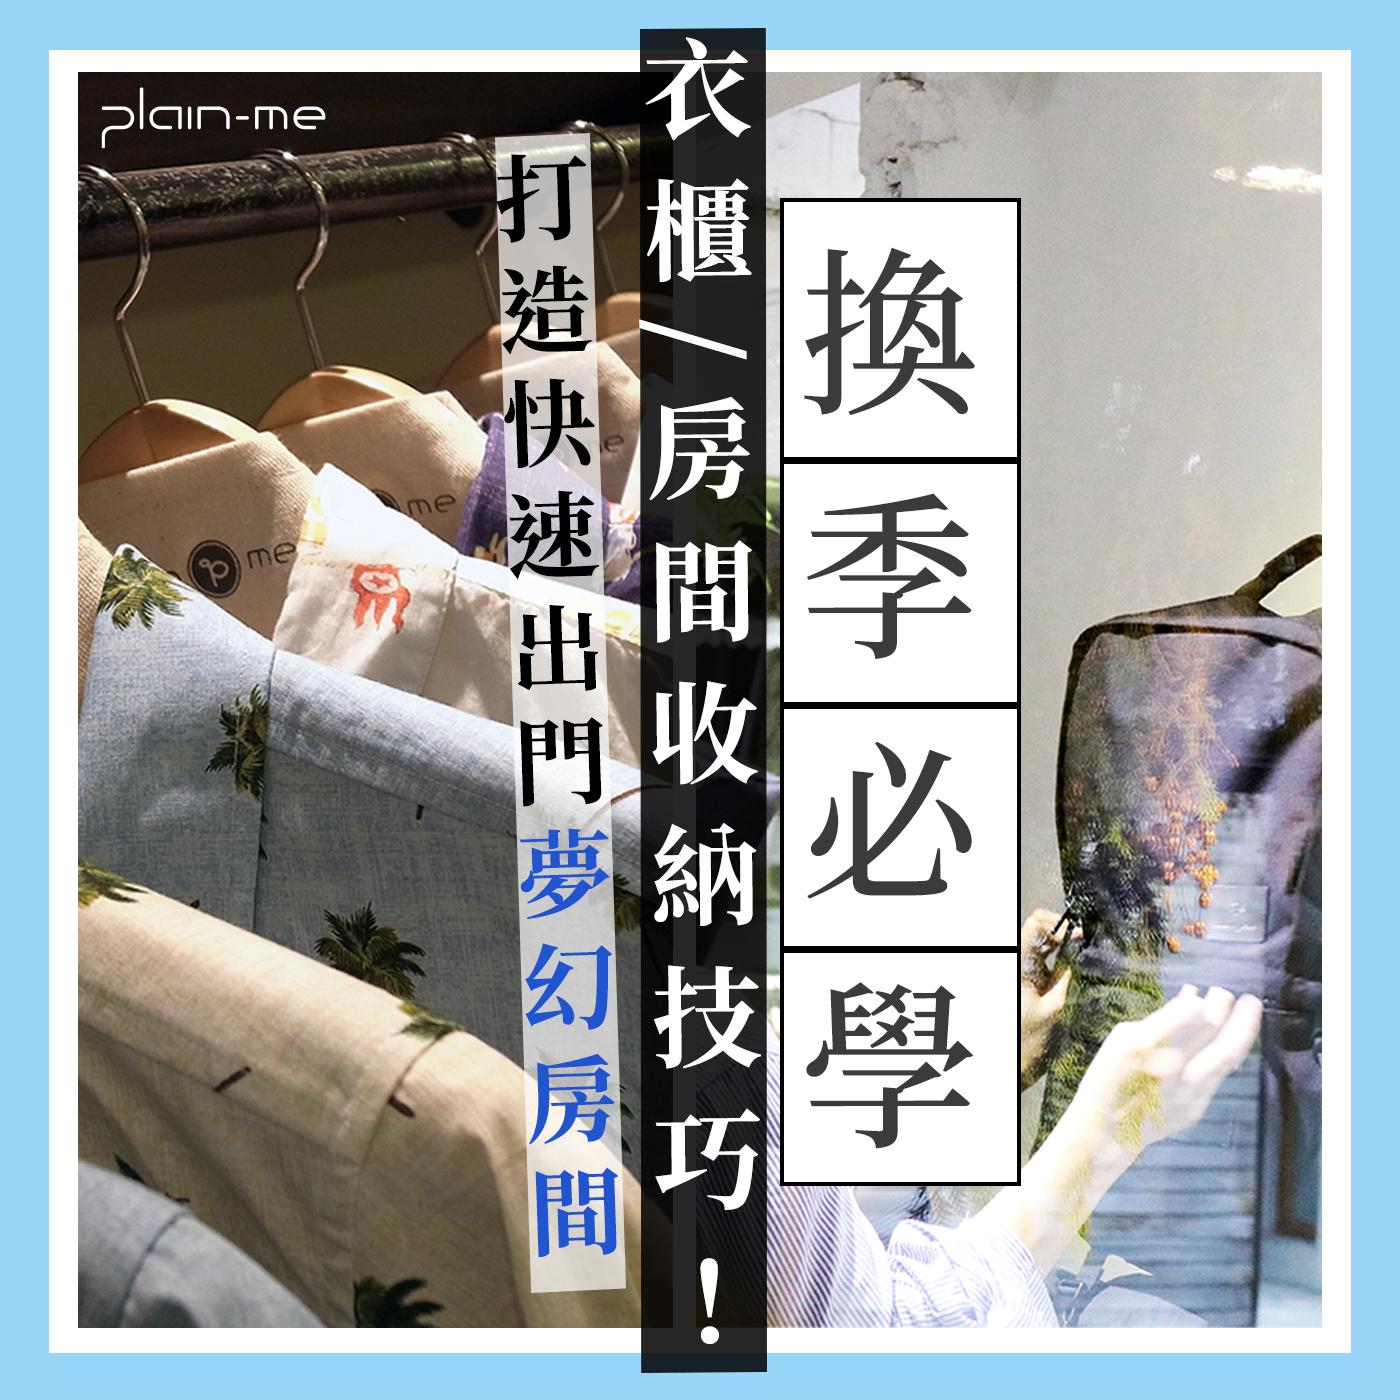 衣櫃,衣櫃收納,收納,收納法,收納衣服,整理衣服,衣服收納,衣物收納,房間收納,收拾房間